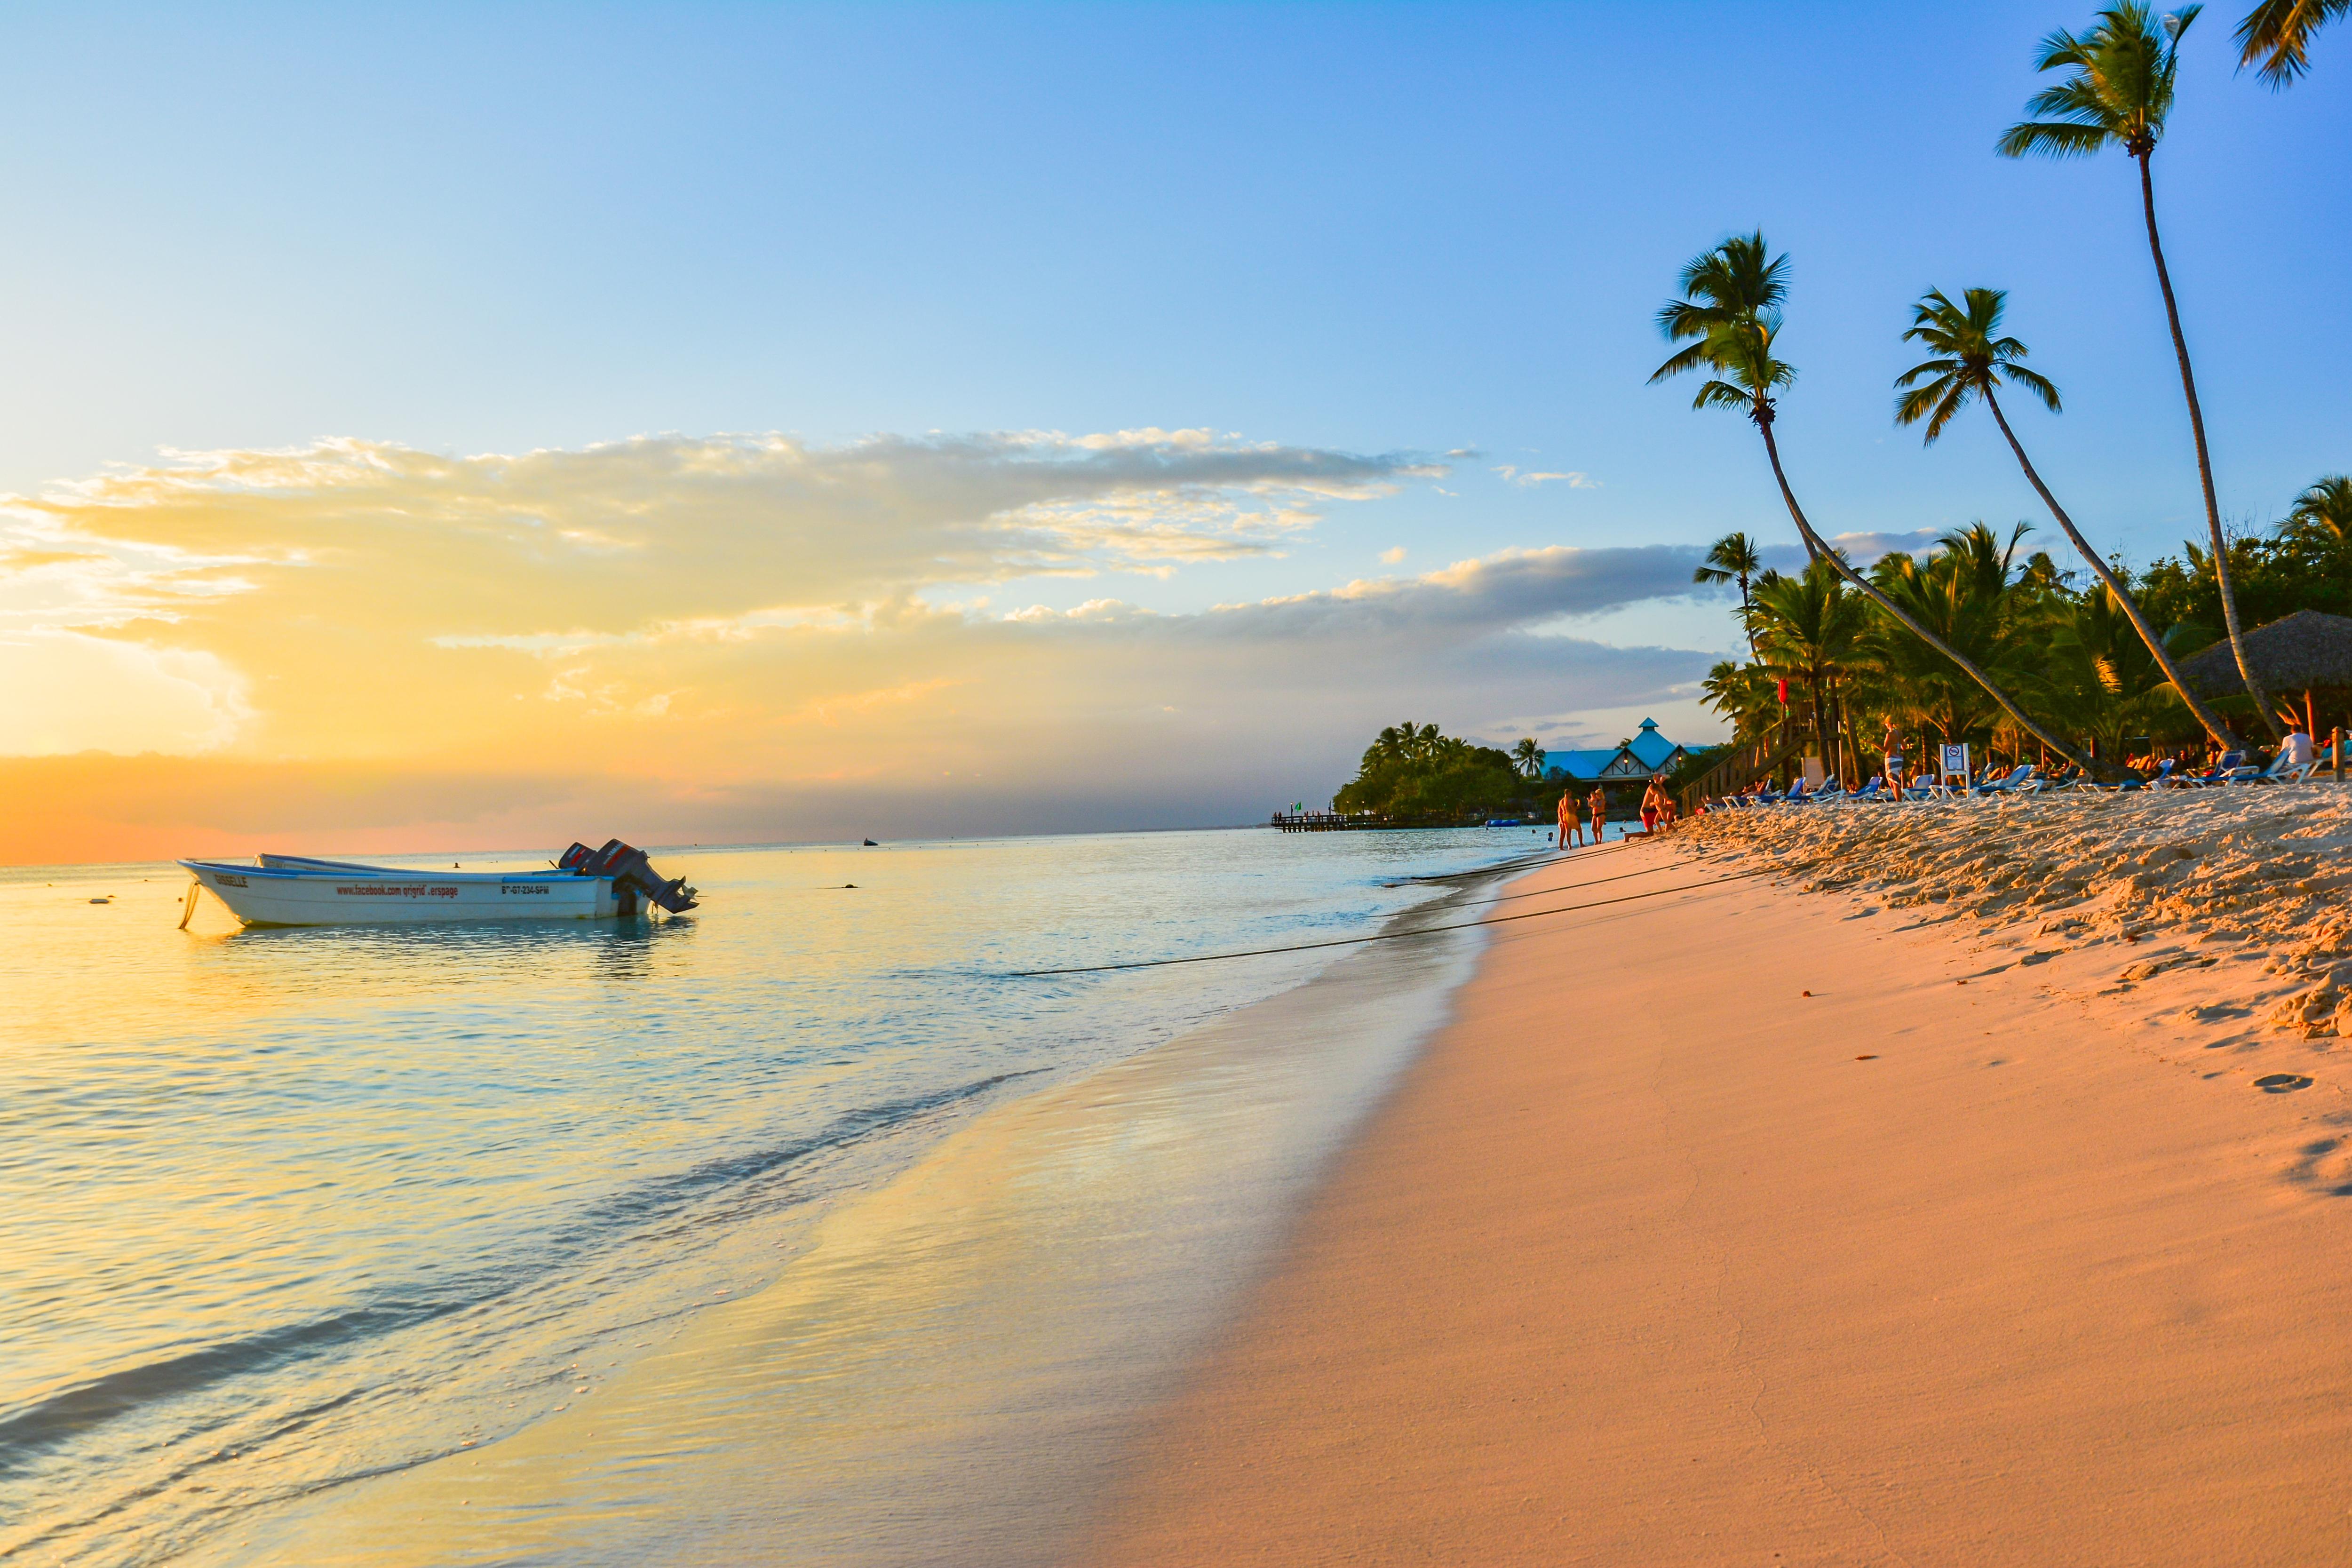 Punta Cana está repleta de resorts con todo incluido. Los viajeros pueden practicar kayak, tirolesa, vela y windsurf